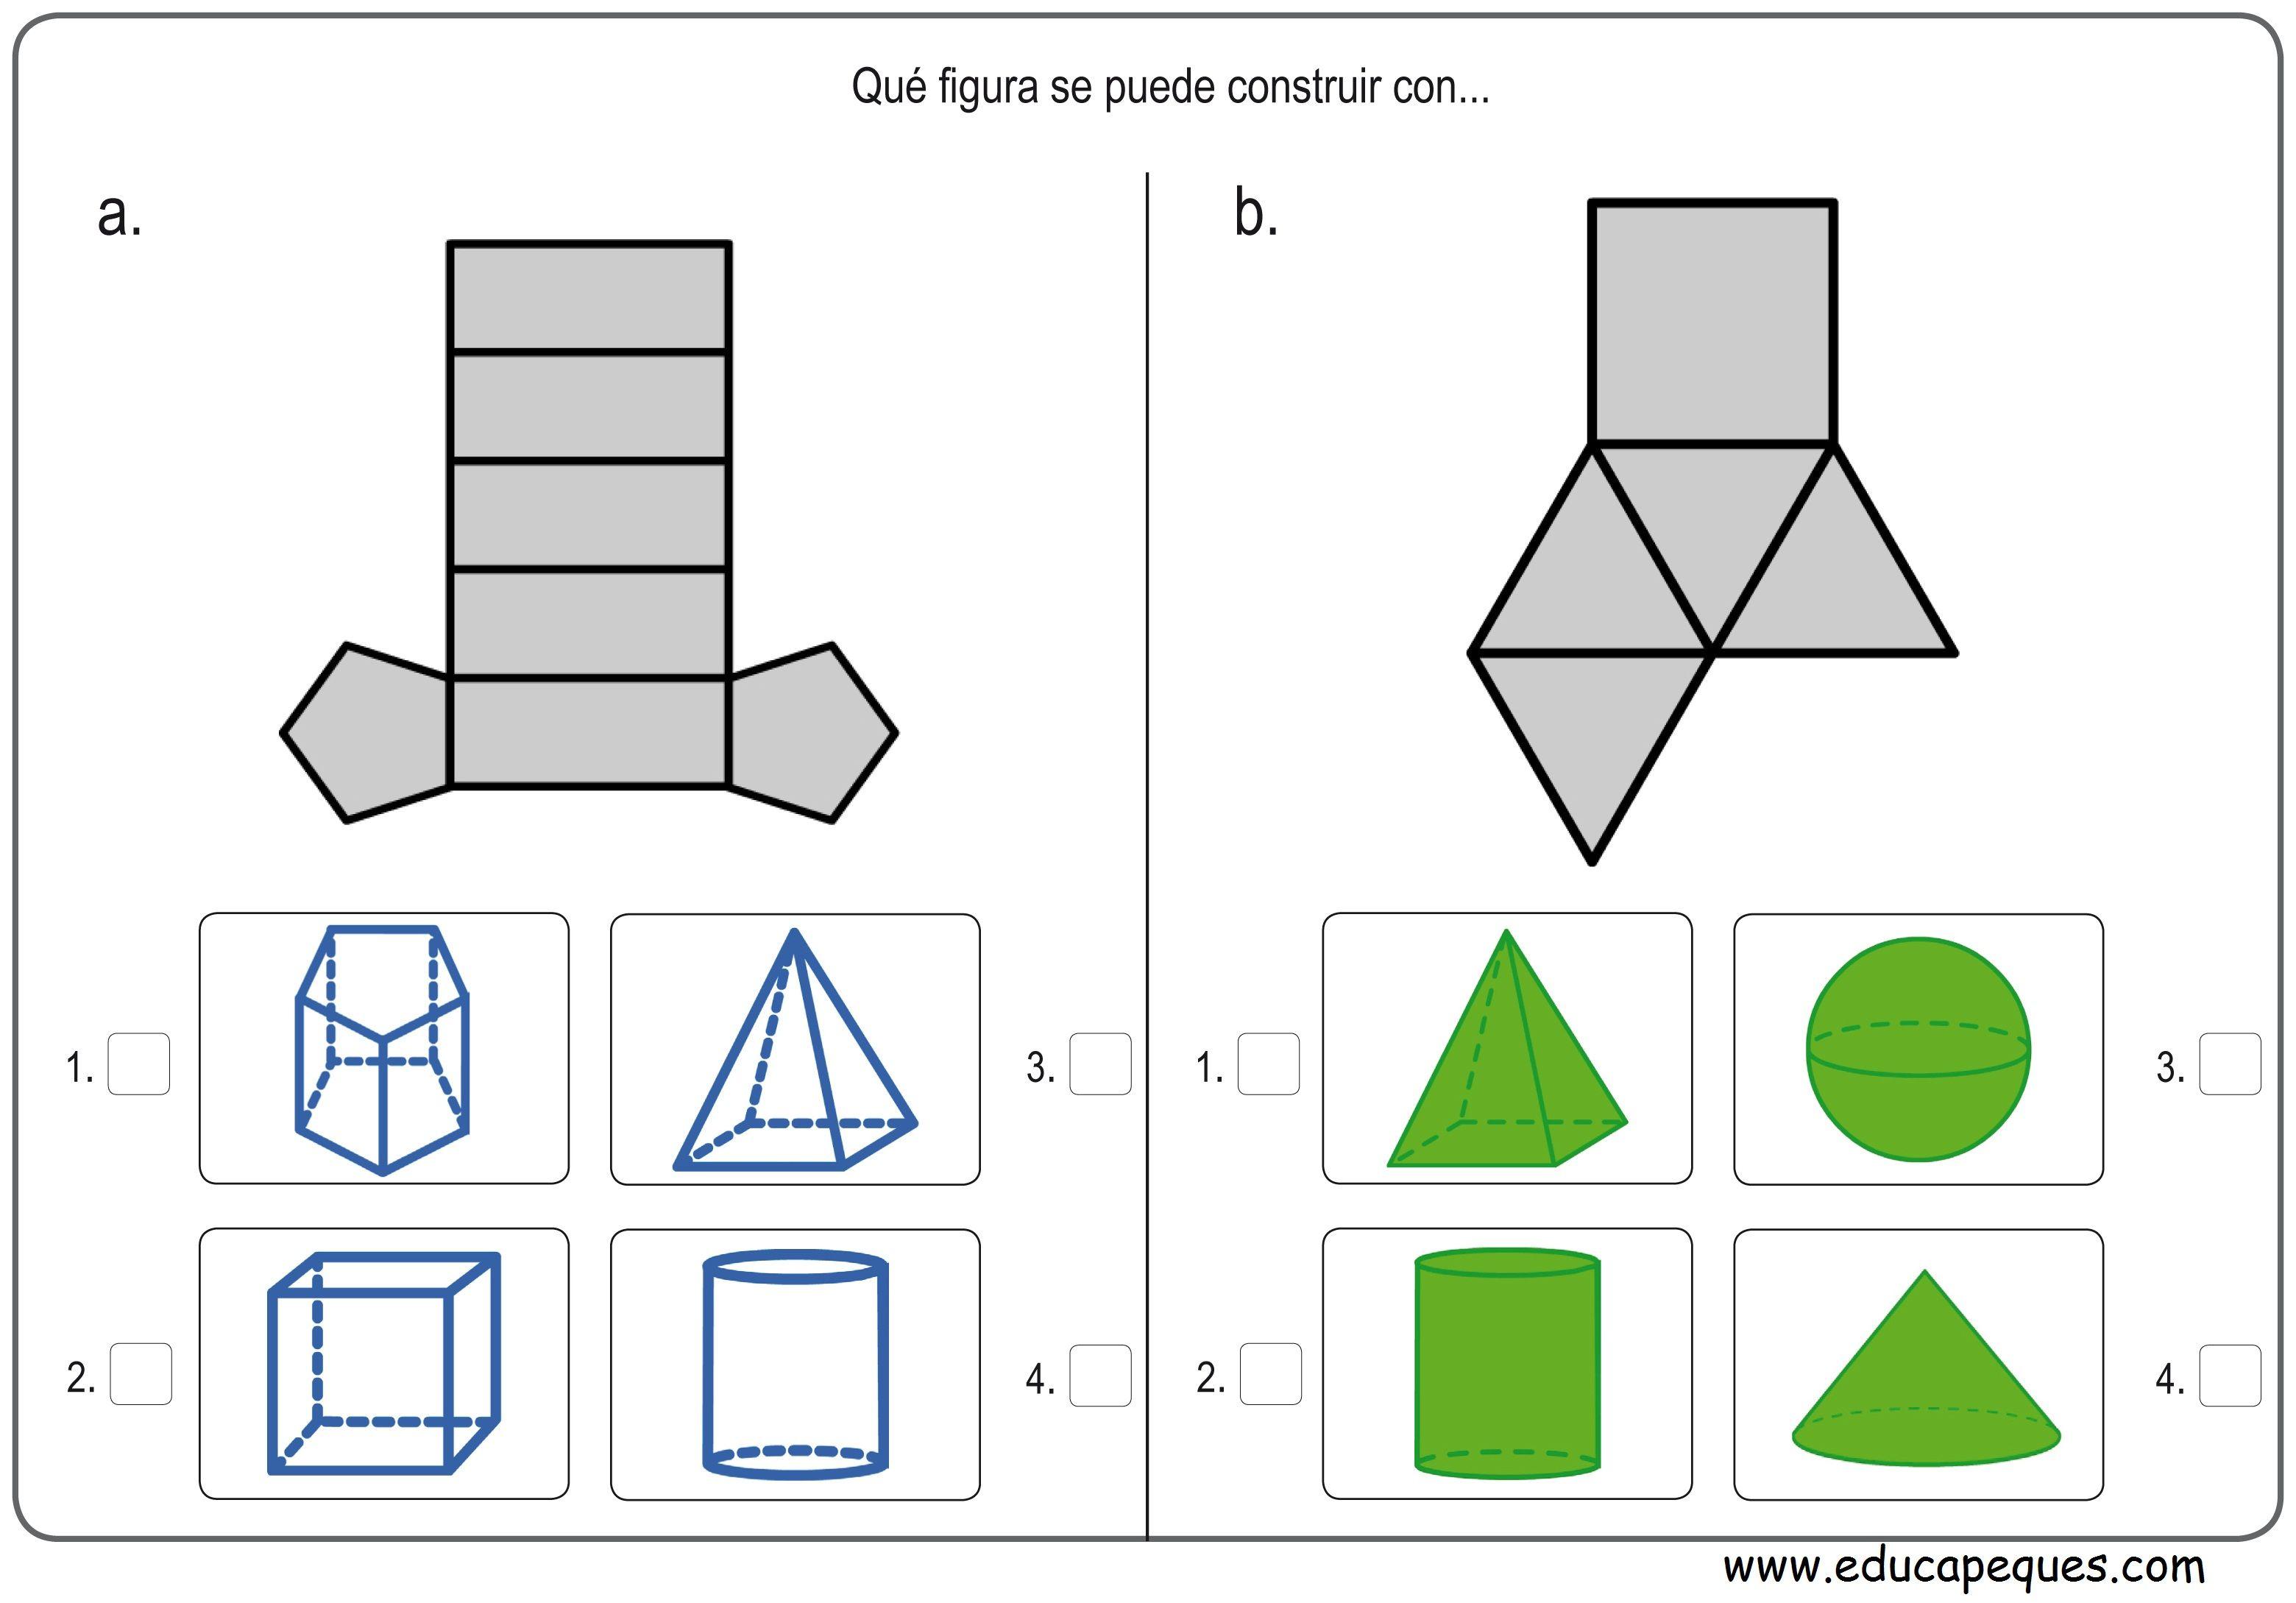 12 Fichas Con Ejercicios Figuras Geometricas Primaria Ejercicios De Figuras Geometricas Figuras Geometricas Primaria Figuras Geometricas